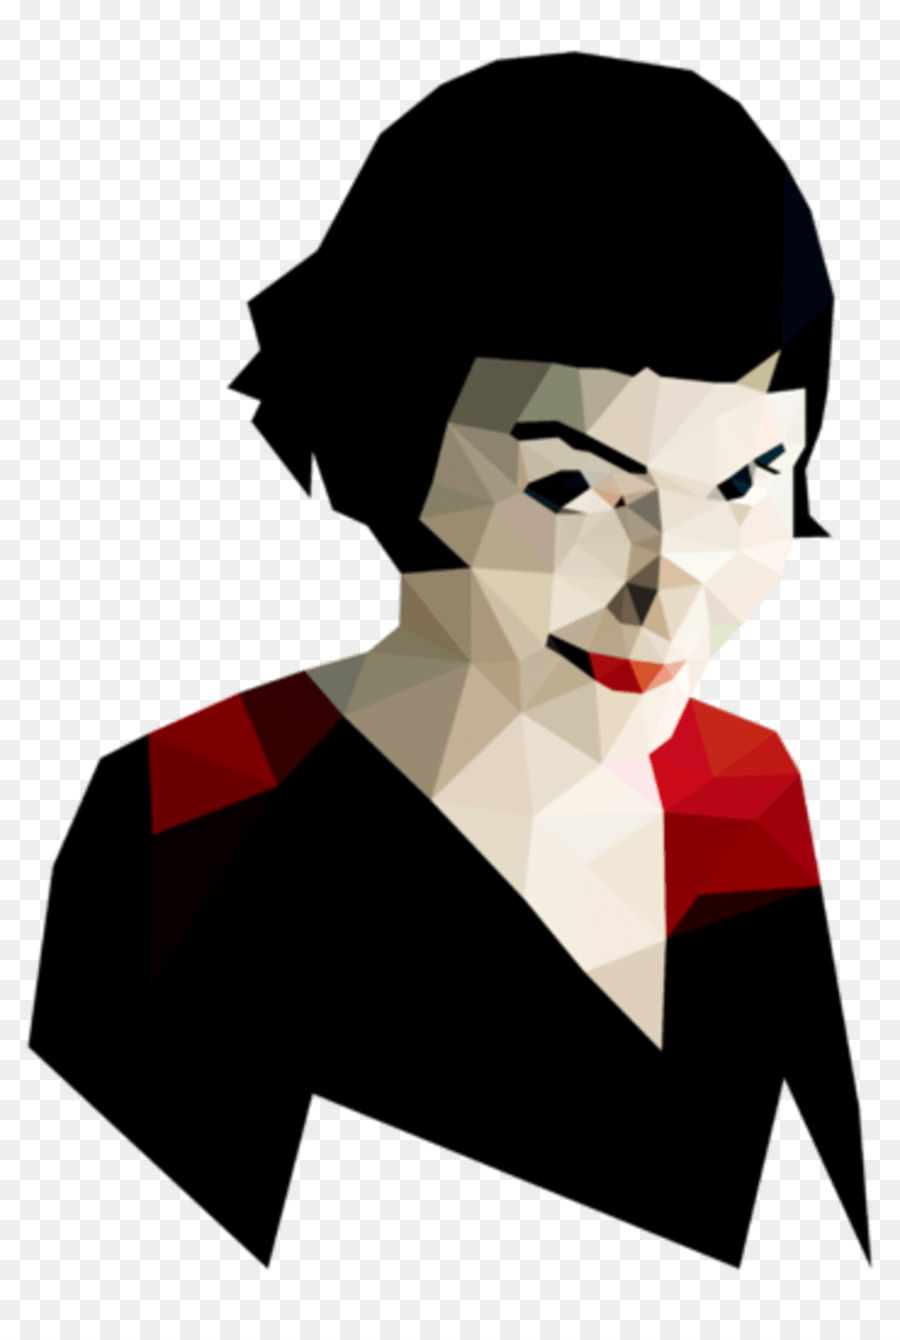 Descarga gratuita de Dibujo, Julio Lacerda, Arte Imágen de Png